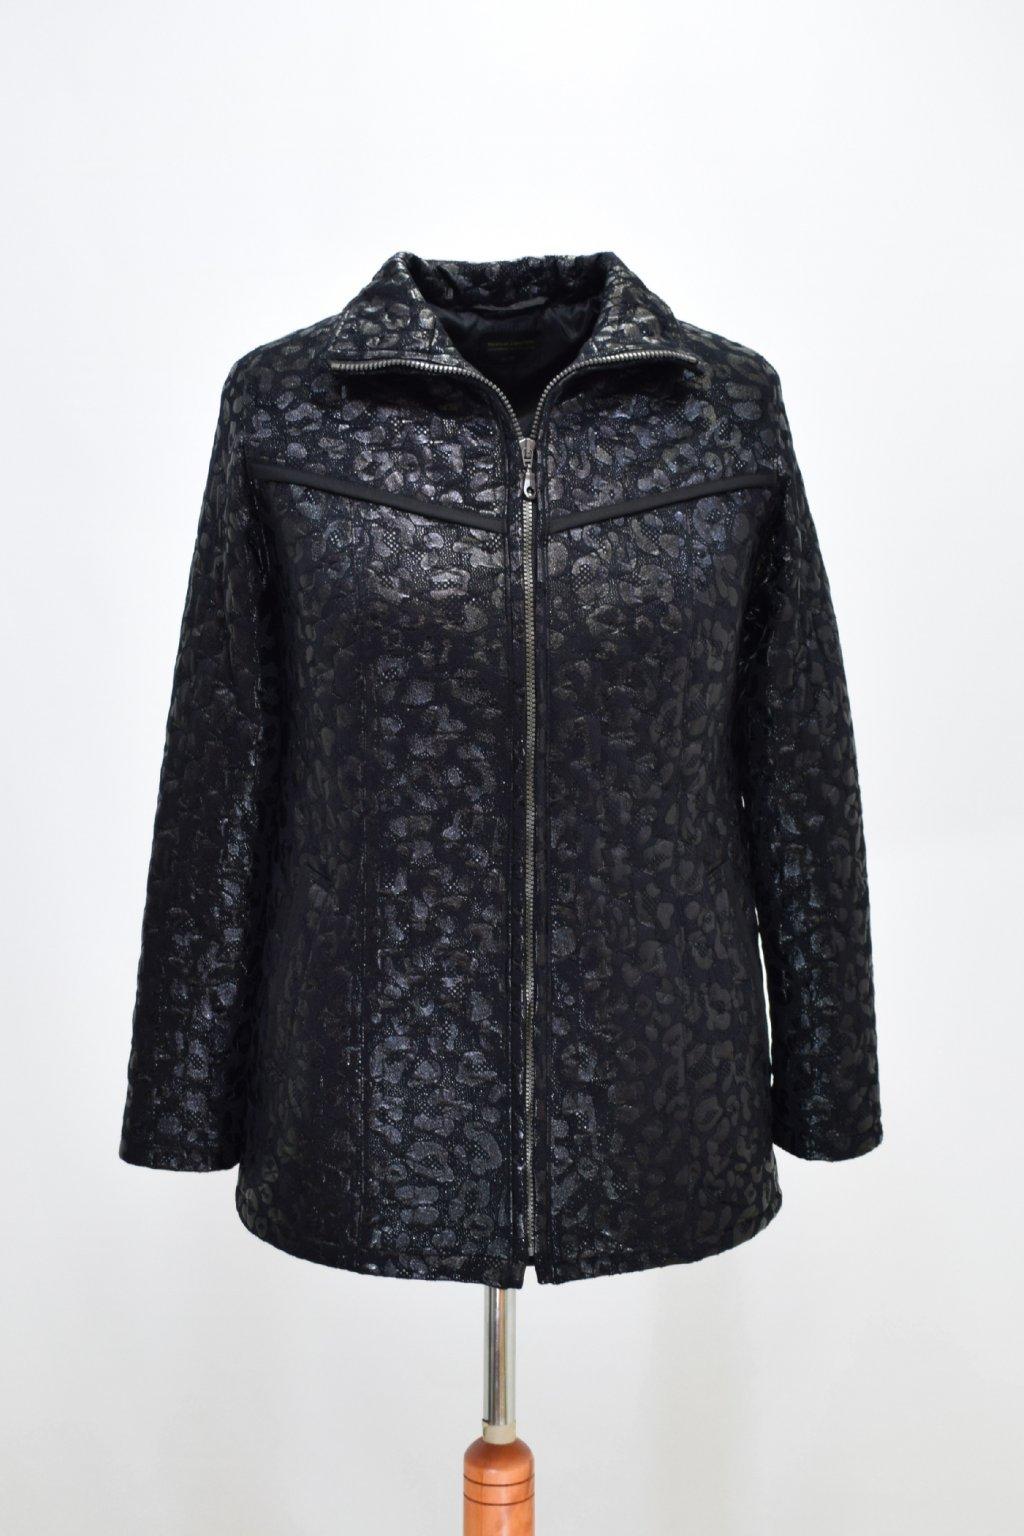 Dámská černá přechodová bunda Rita nadměrné velikosti.